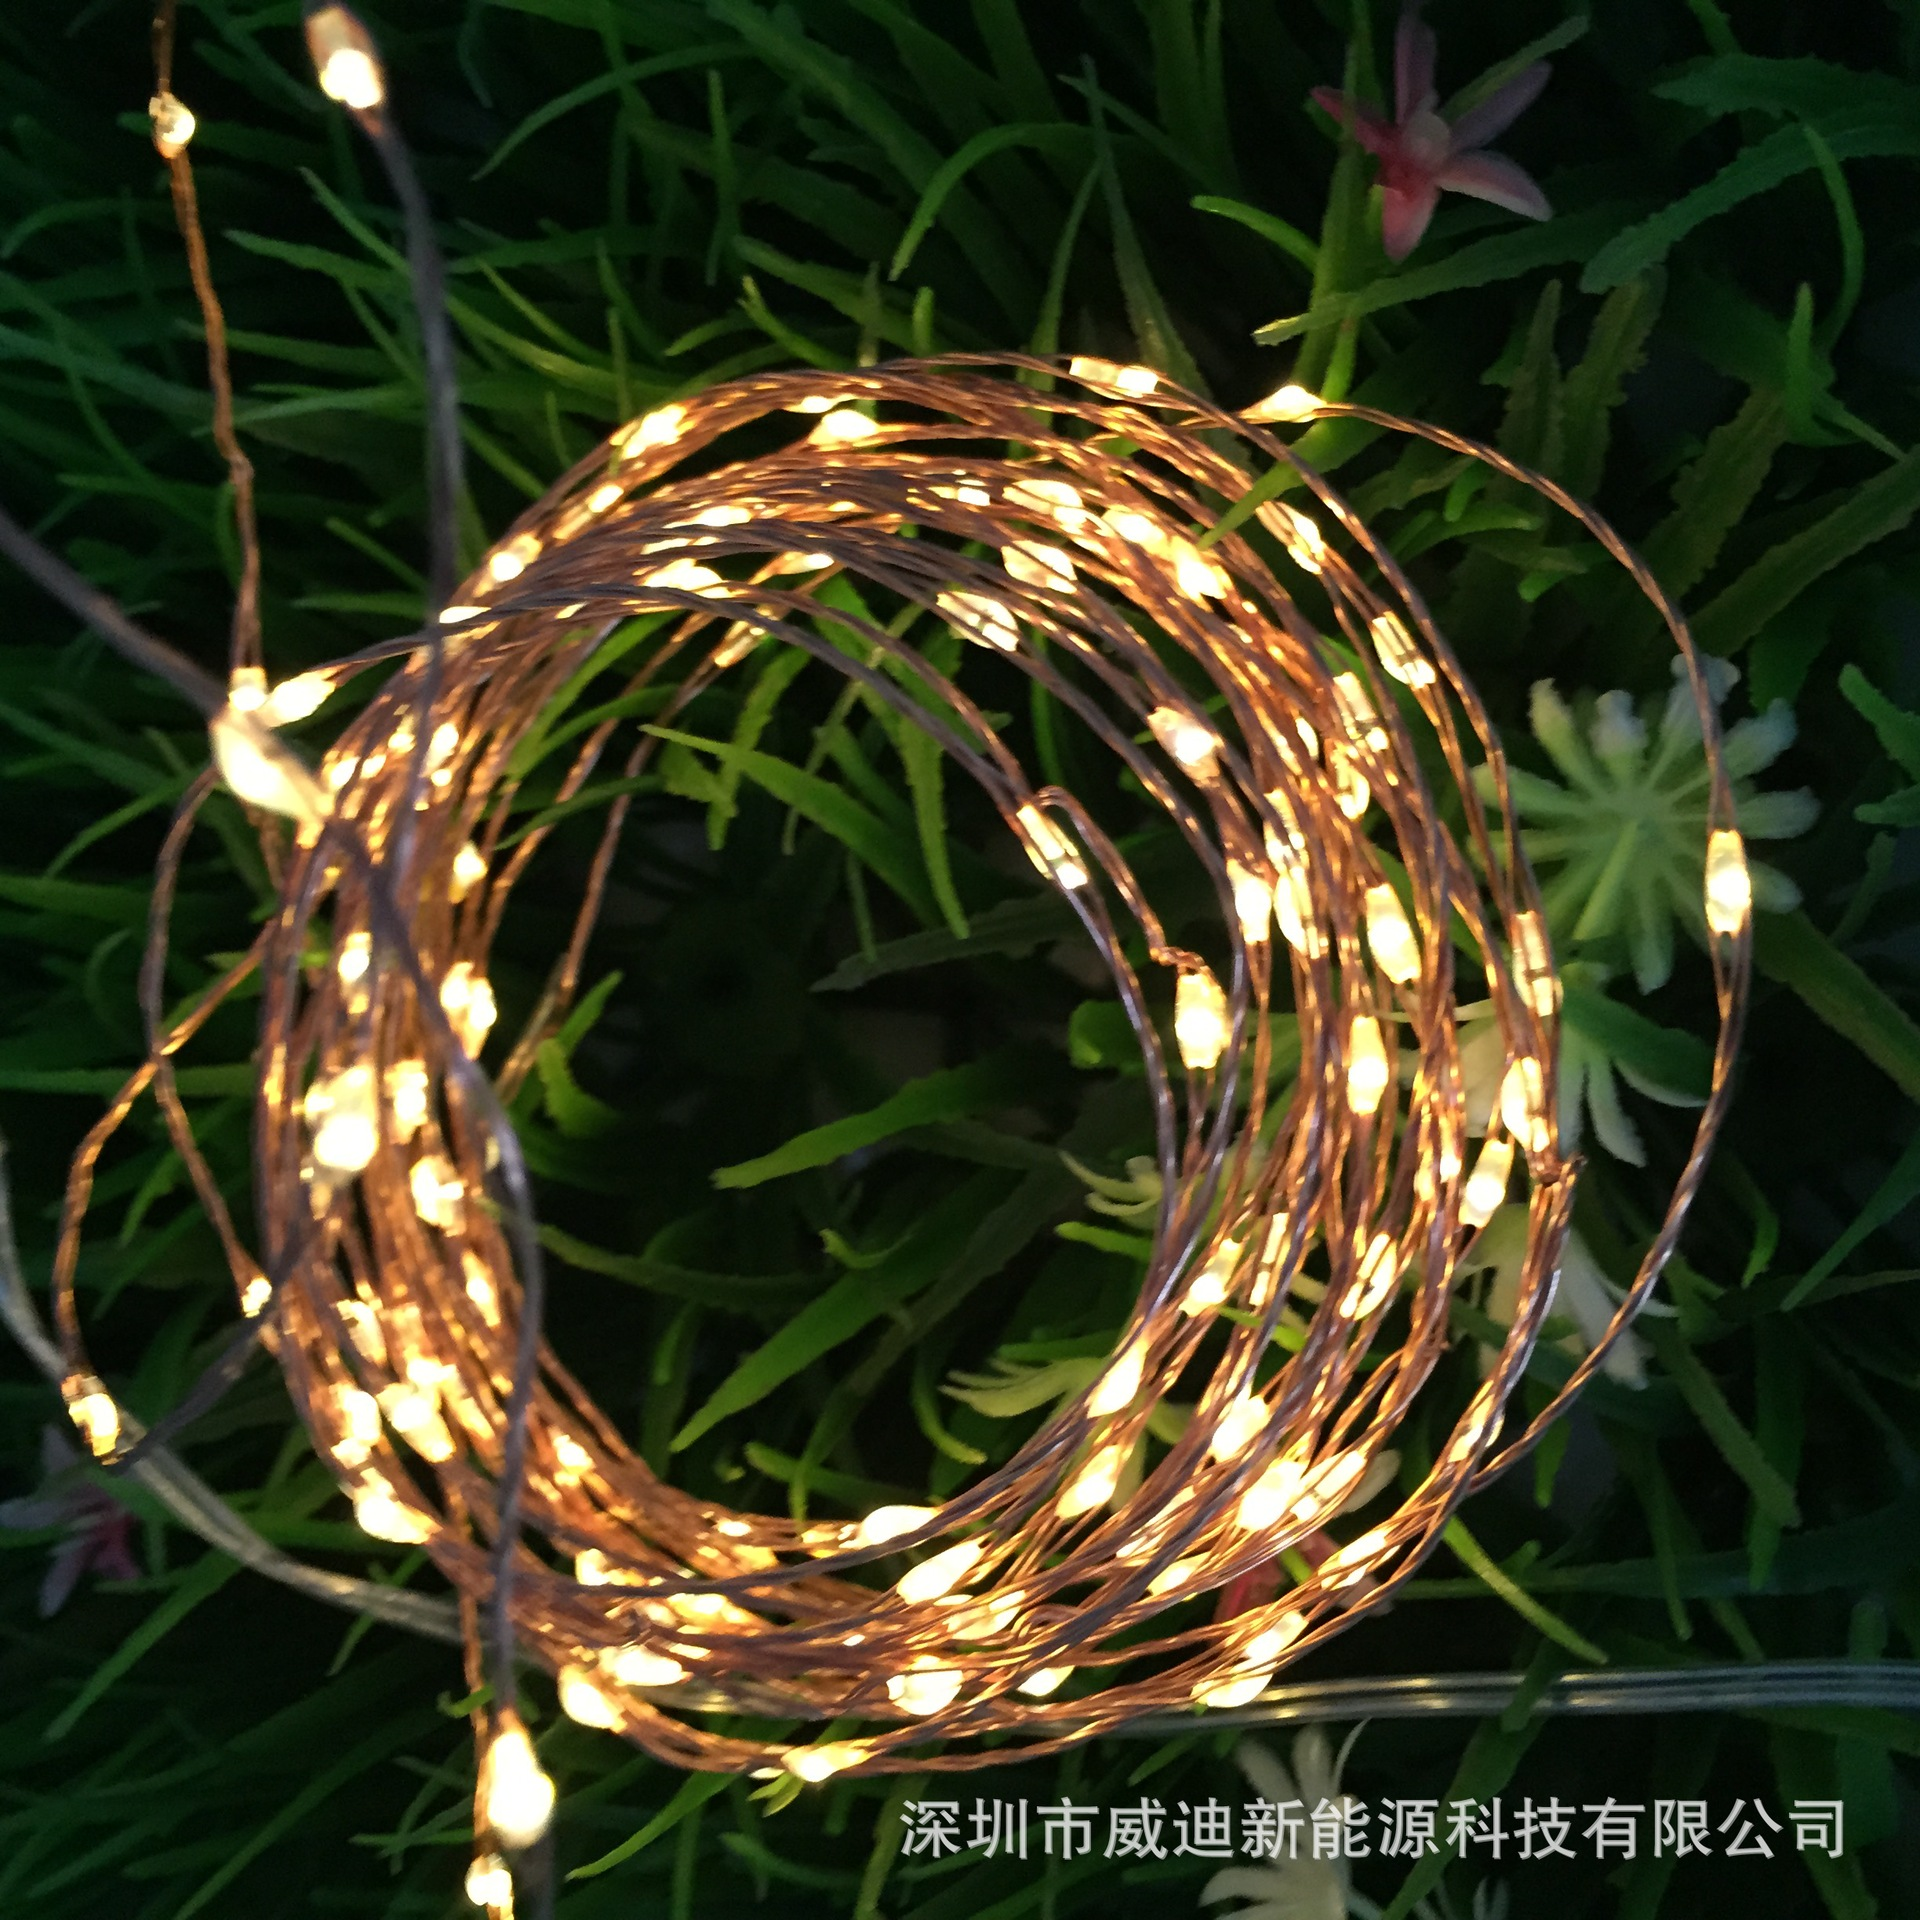 Lampu Energi Surya Berkedip 100led Tembaga Luar Solar Powered Garden Decoration Light 100 Led 12 Meter Hias Taman Halaman Dekoratif Di String Pencahayaan Dari Aliexpresscom